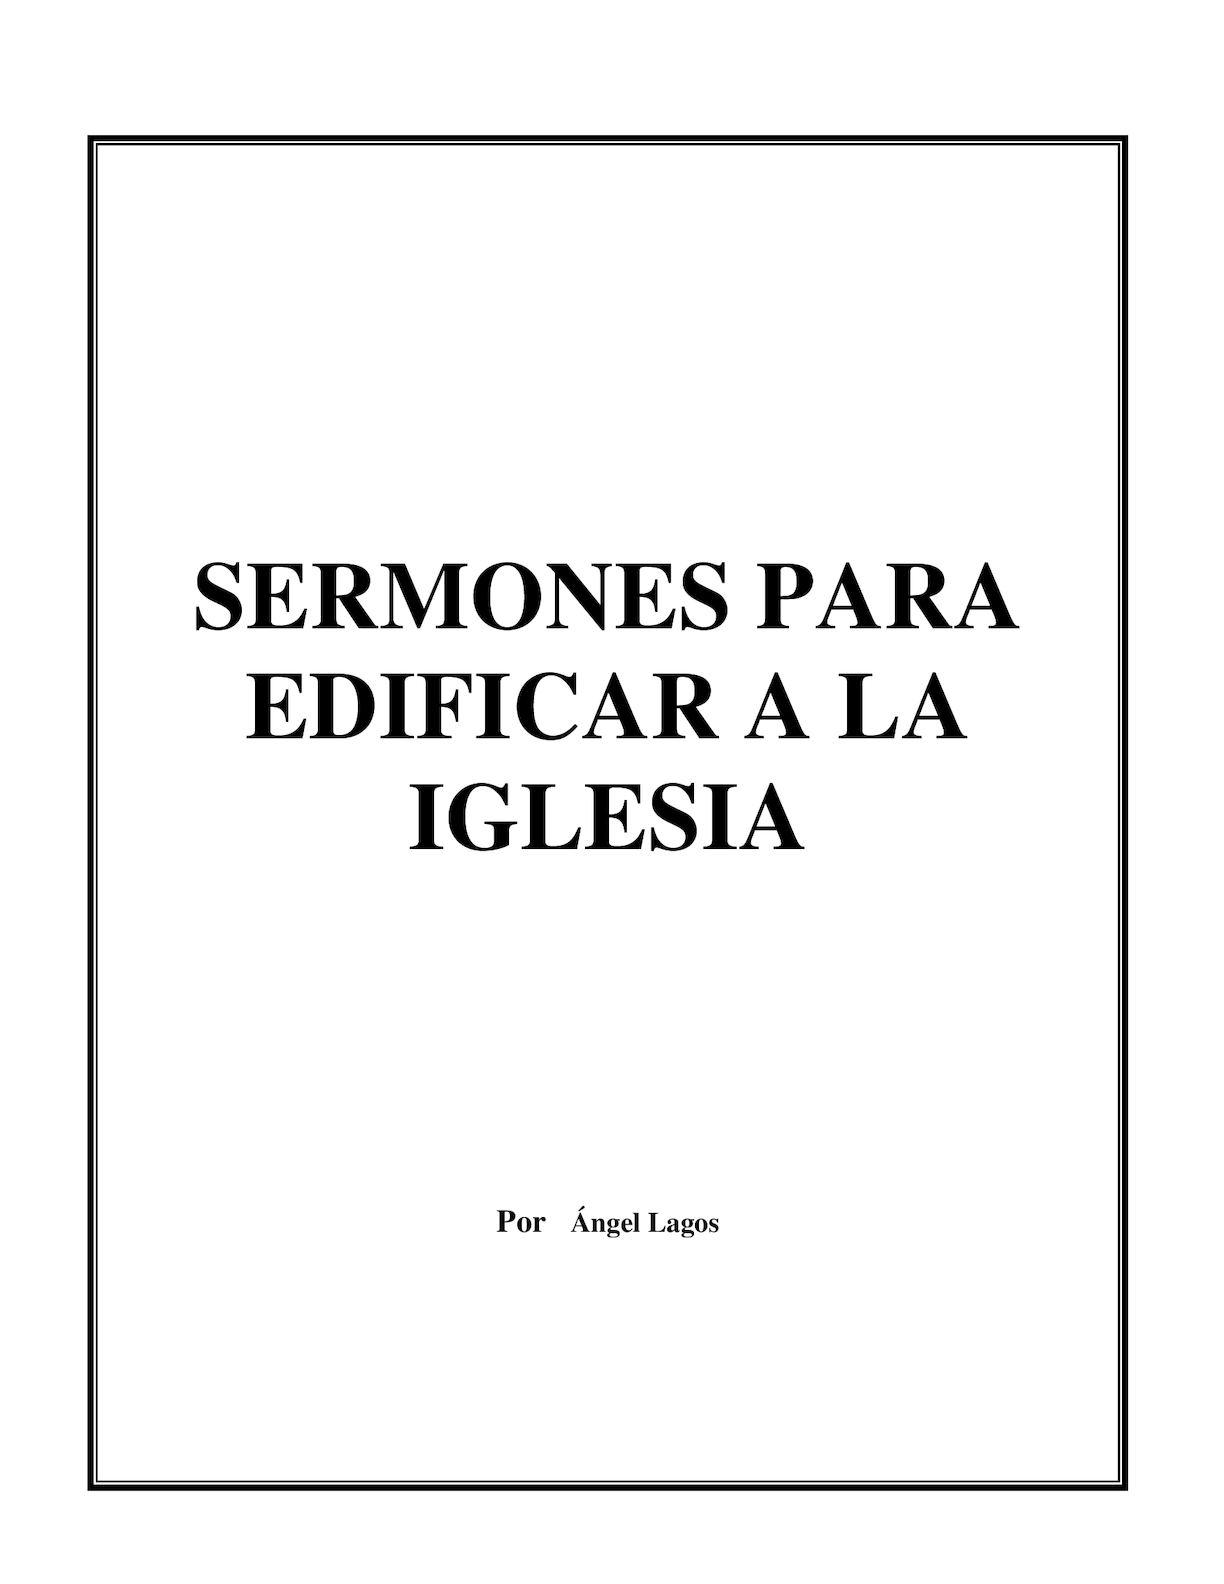 Calaméo - Libro De Sermones Angel Lagos